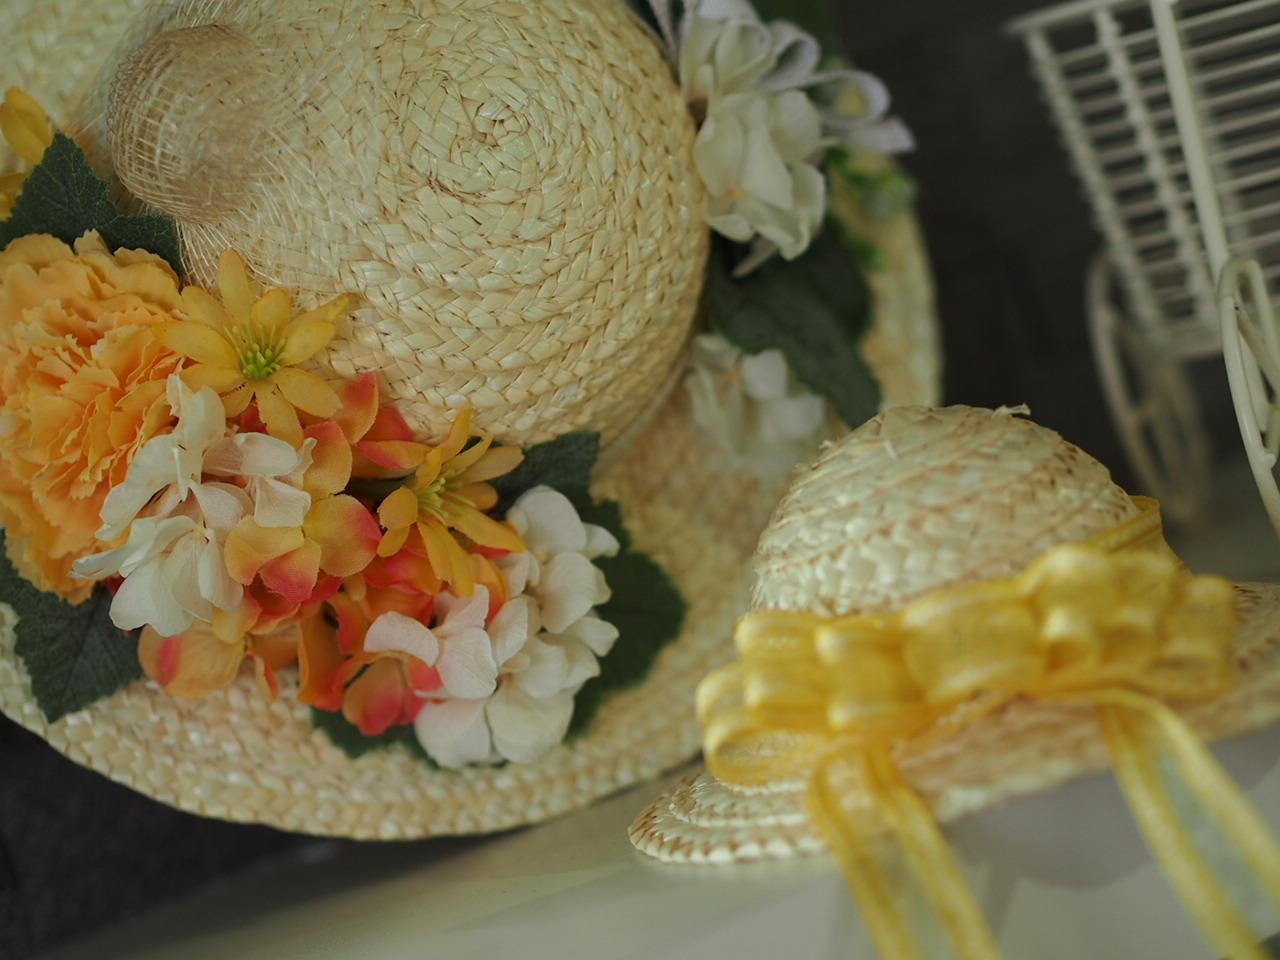 麦わら帽子ファイナルでした!ありがとうございます。_d0144095_13171723.jpg